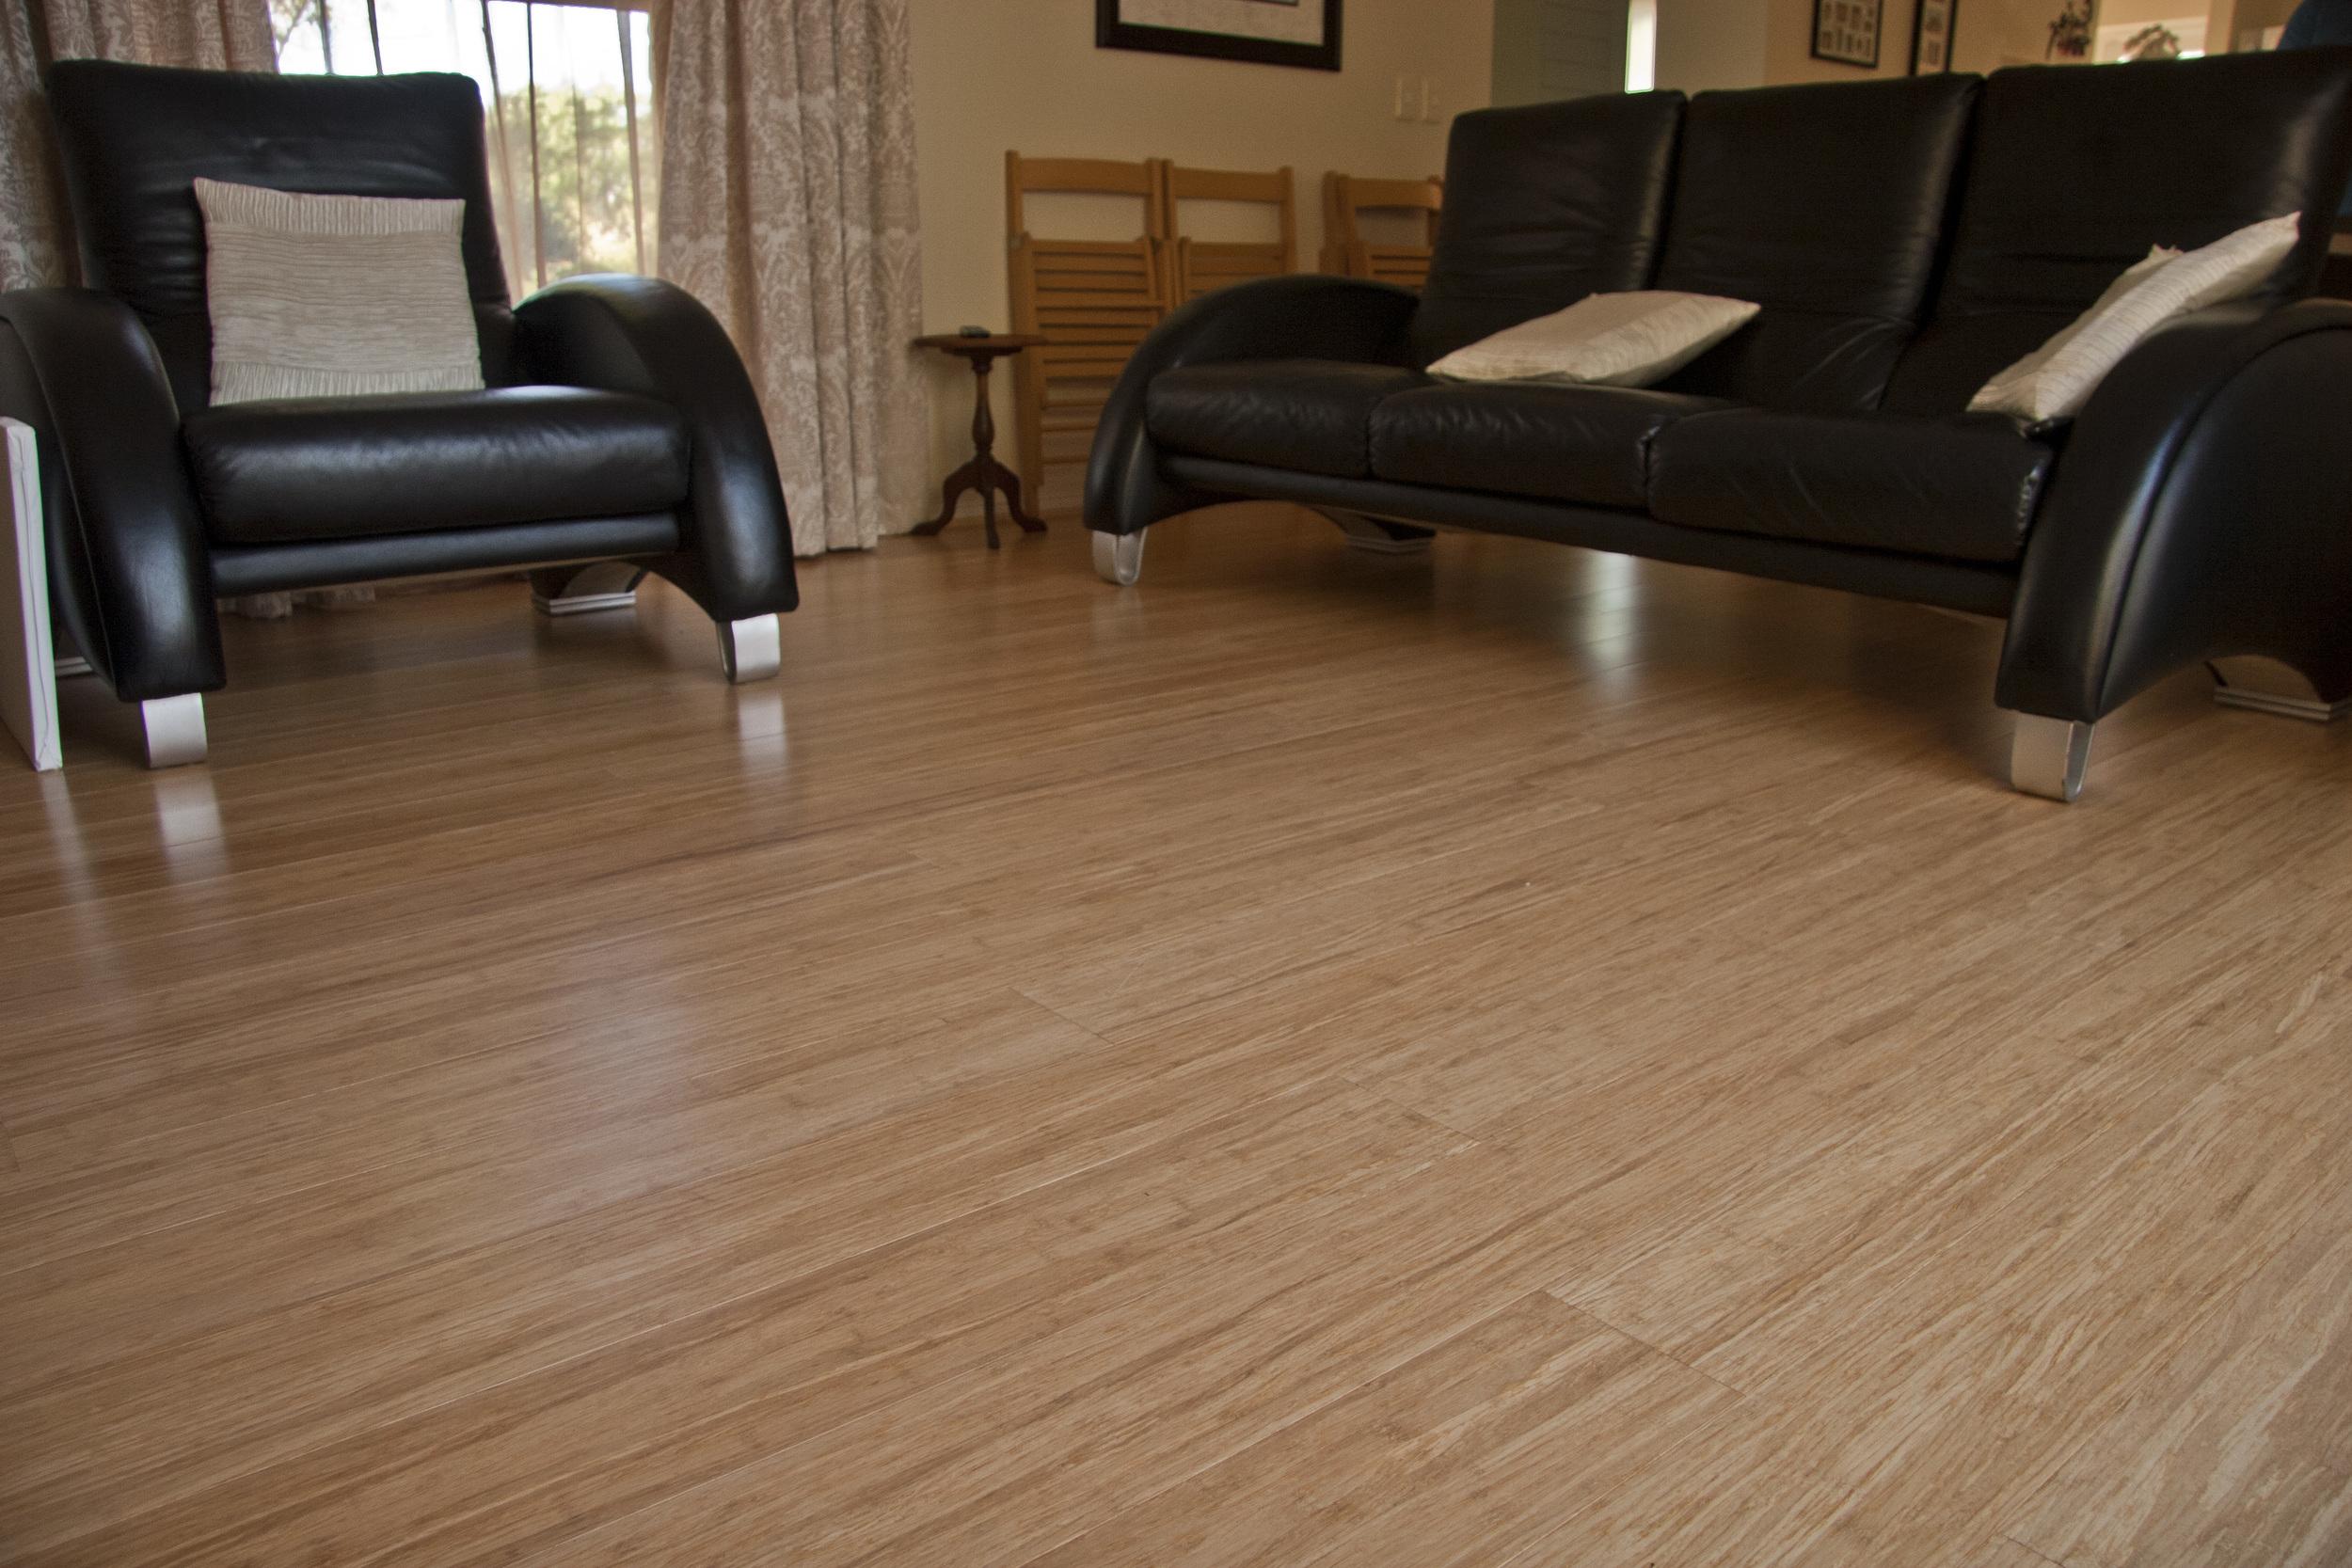 Natural Strand Woven Bamboo Flooring